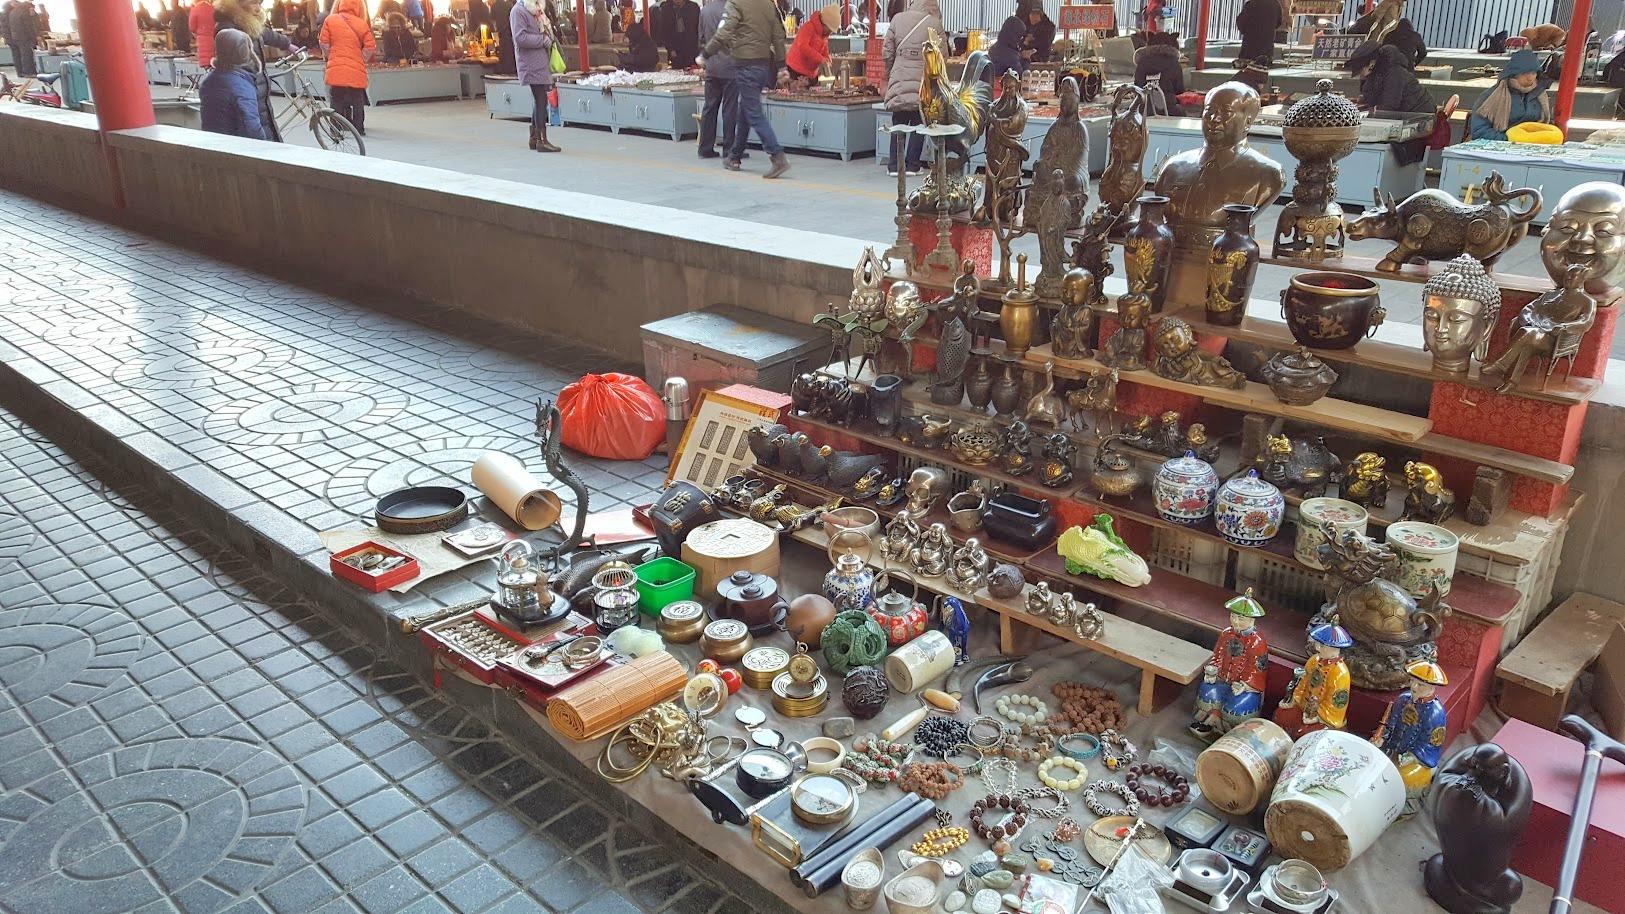 Antiikkimarkkinat_Peking ostokset markkinat nähtävyydet